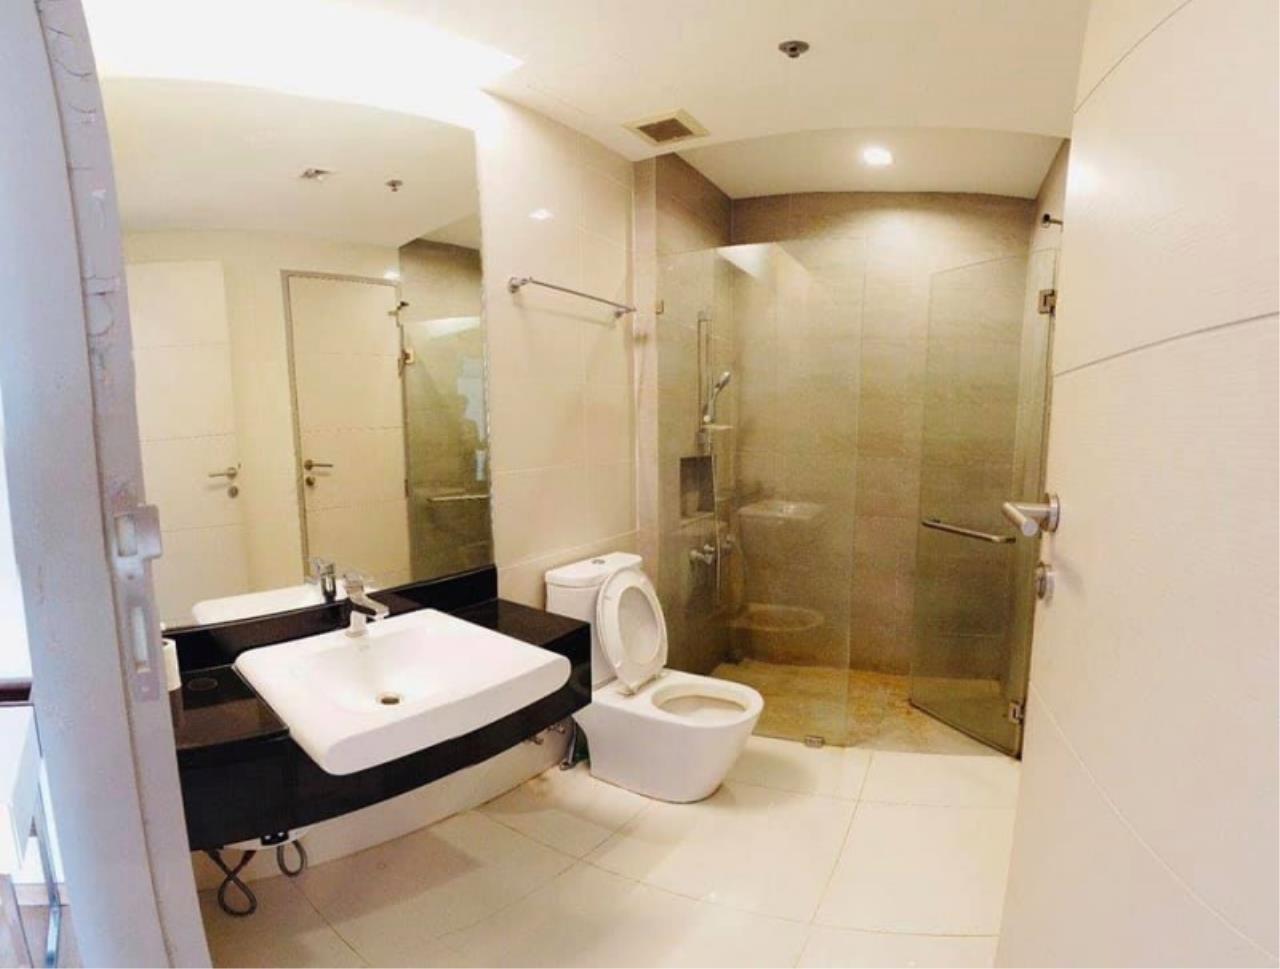 Century21 Skylux Agency's Ideo Verve Ratchaprarop / Condo For Sale / 2 Bedroom / 55 SQM / ARL Ratchaprarop / Bangkok 6